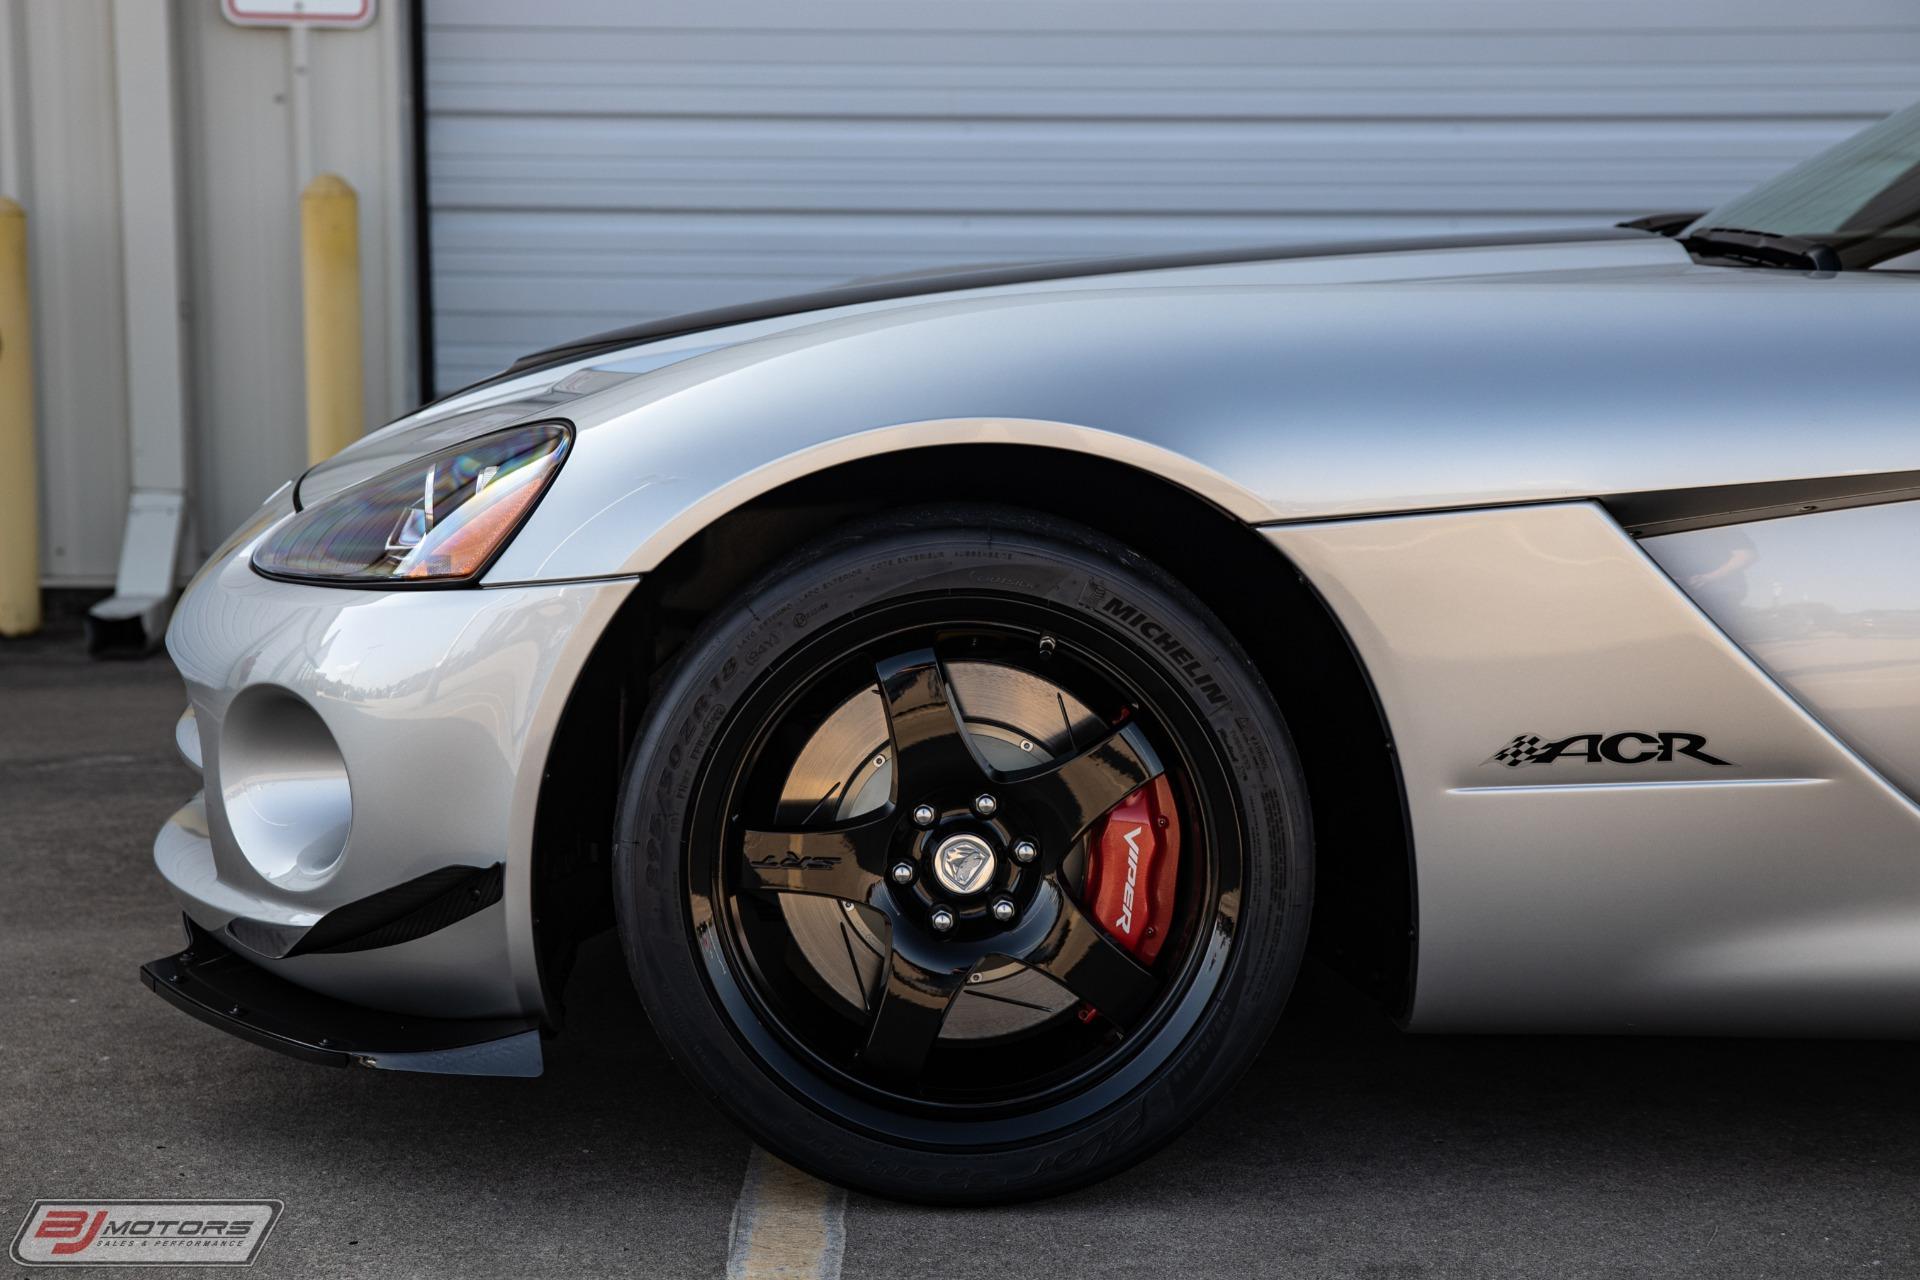 Used-2009-Dodge-Viper-ACR-VOI-10-Edition